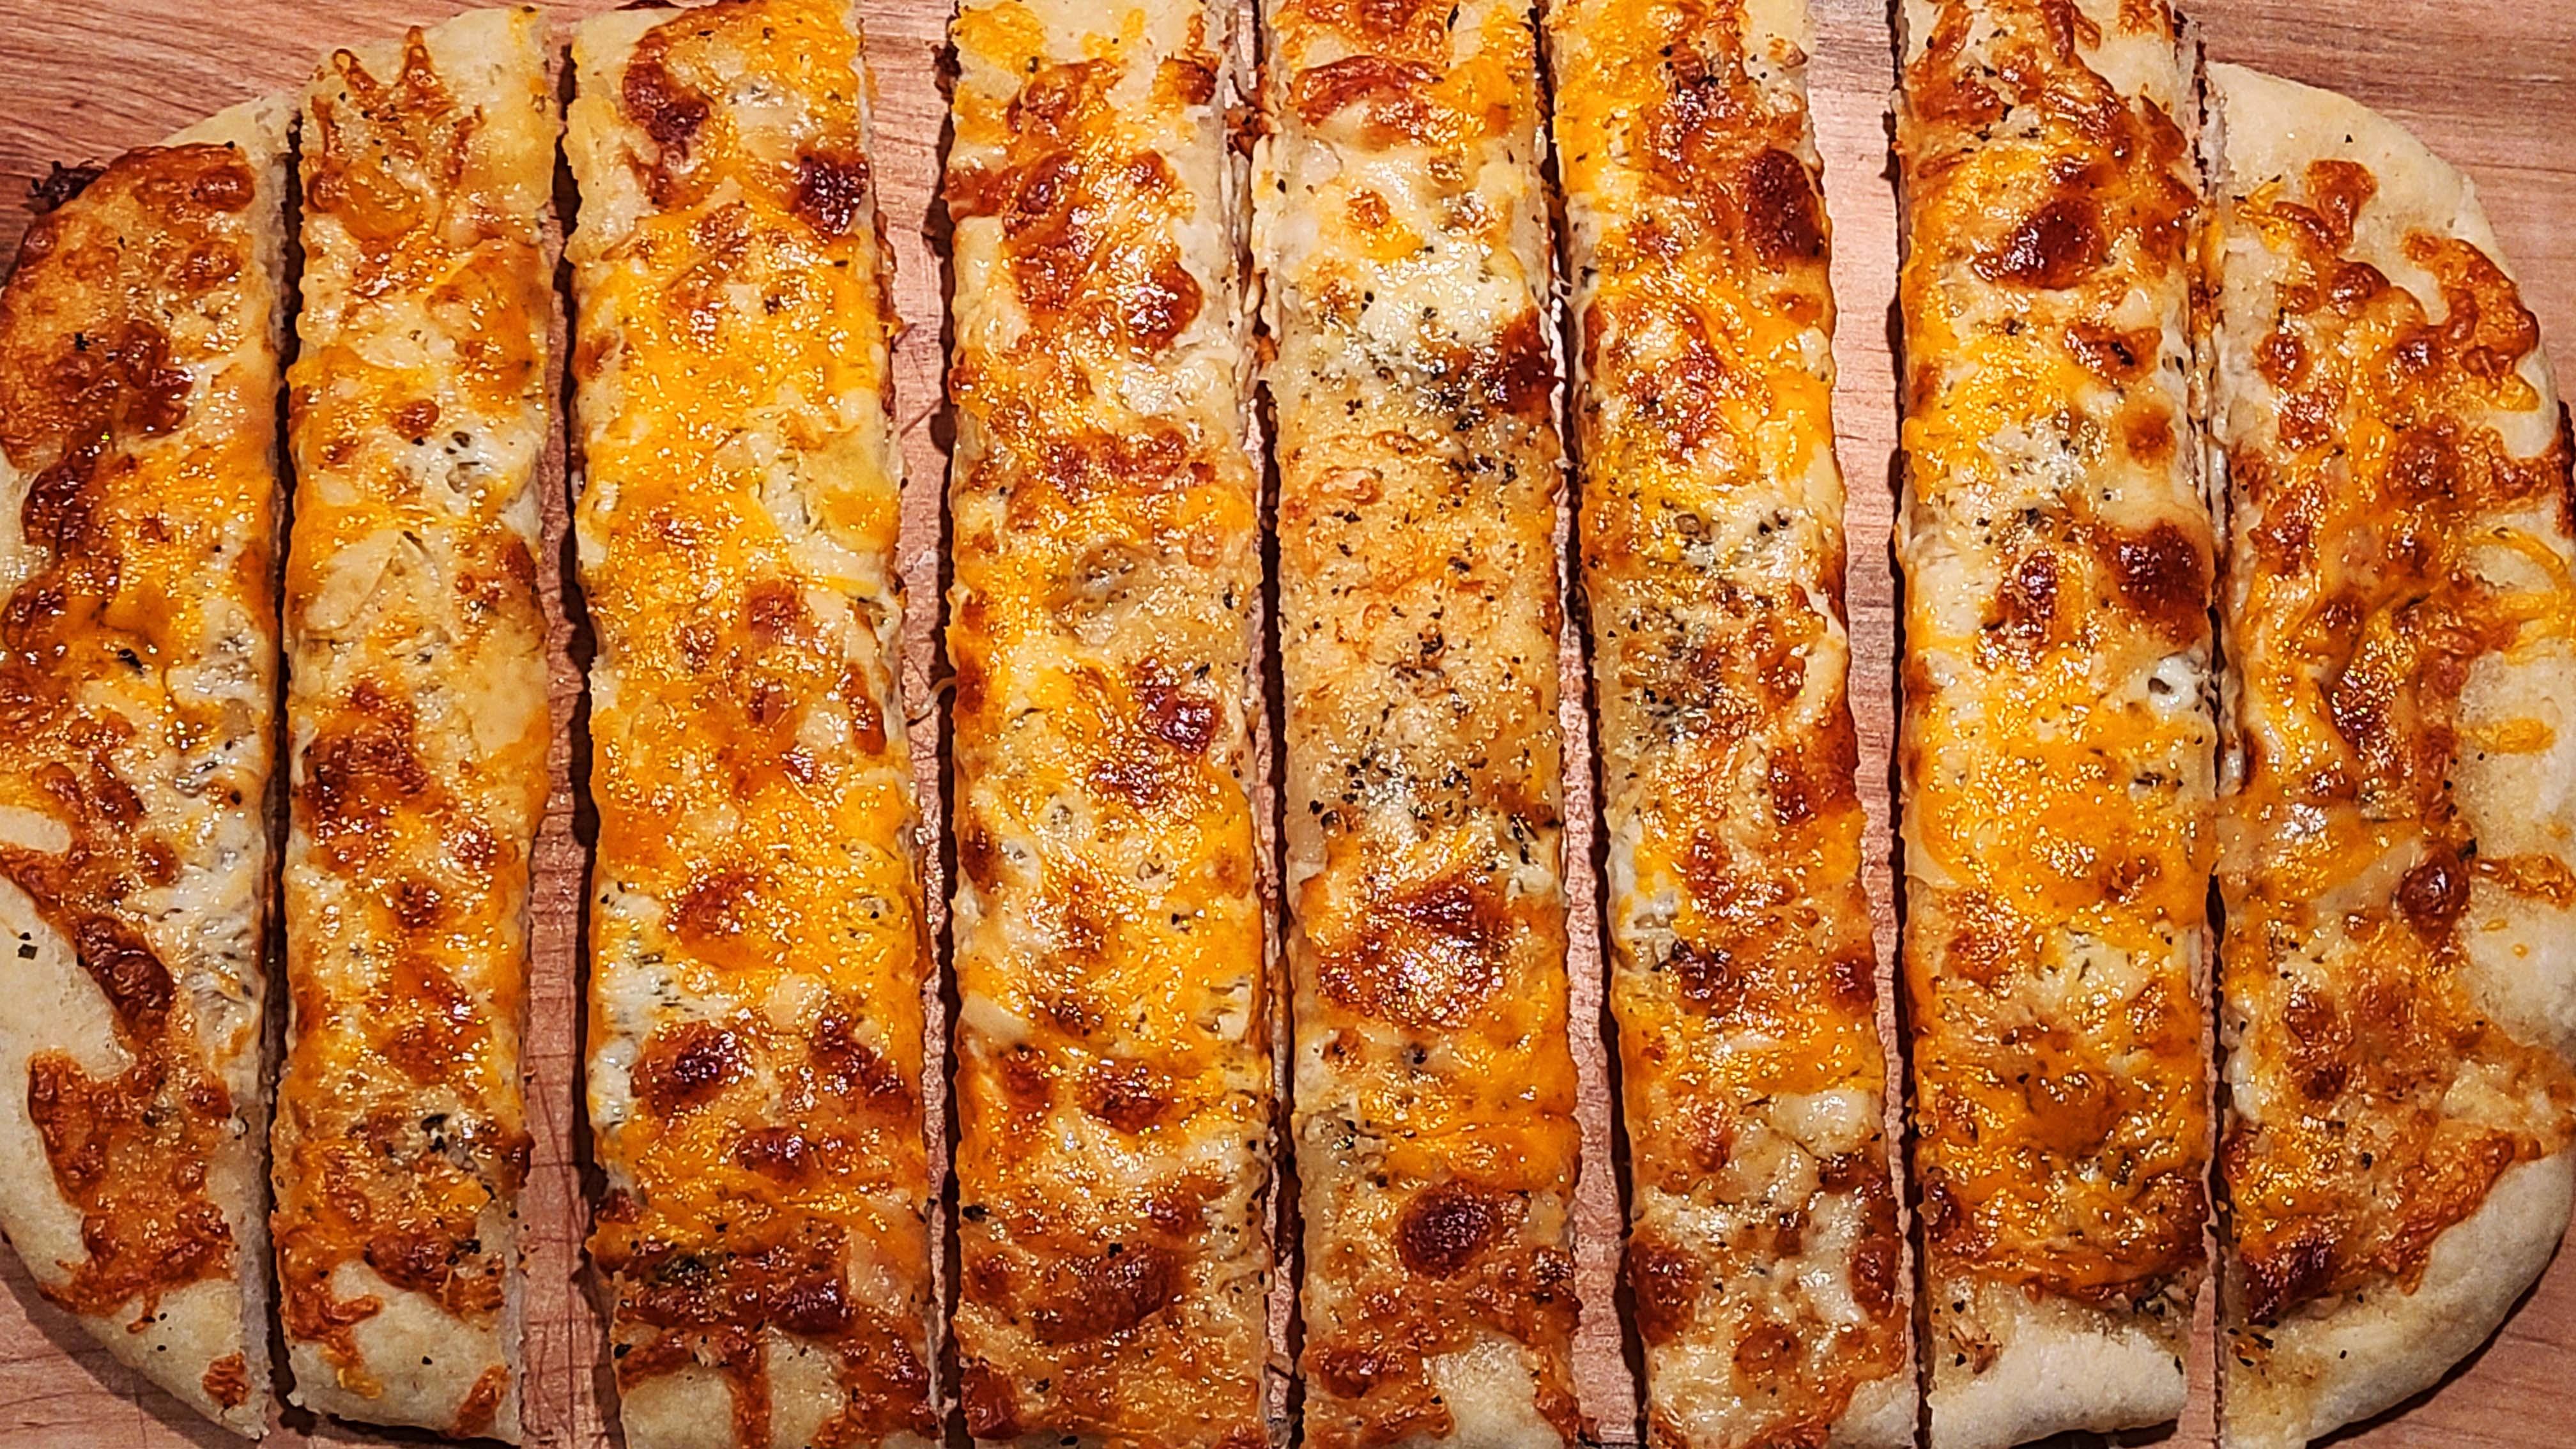 Garlic 3-Cheese Breadsticks